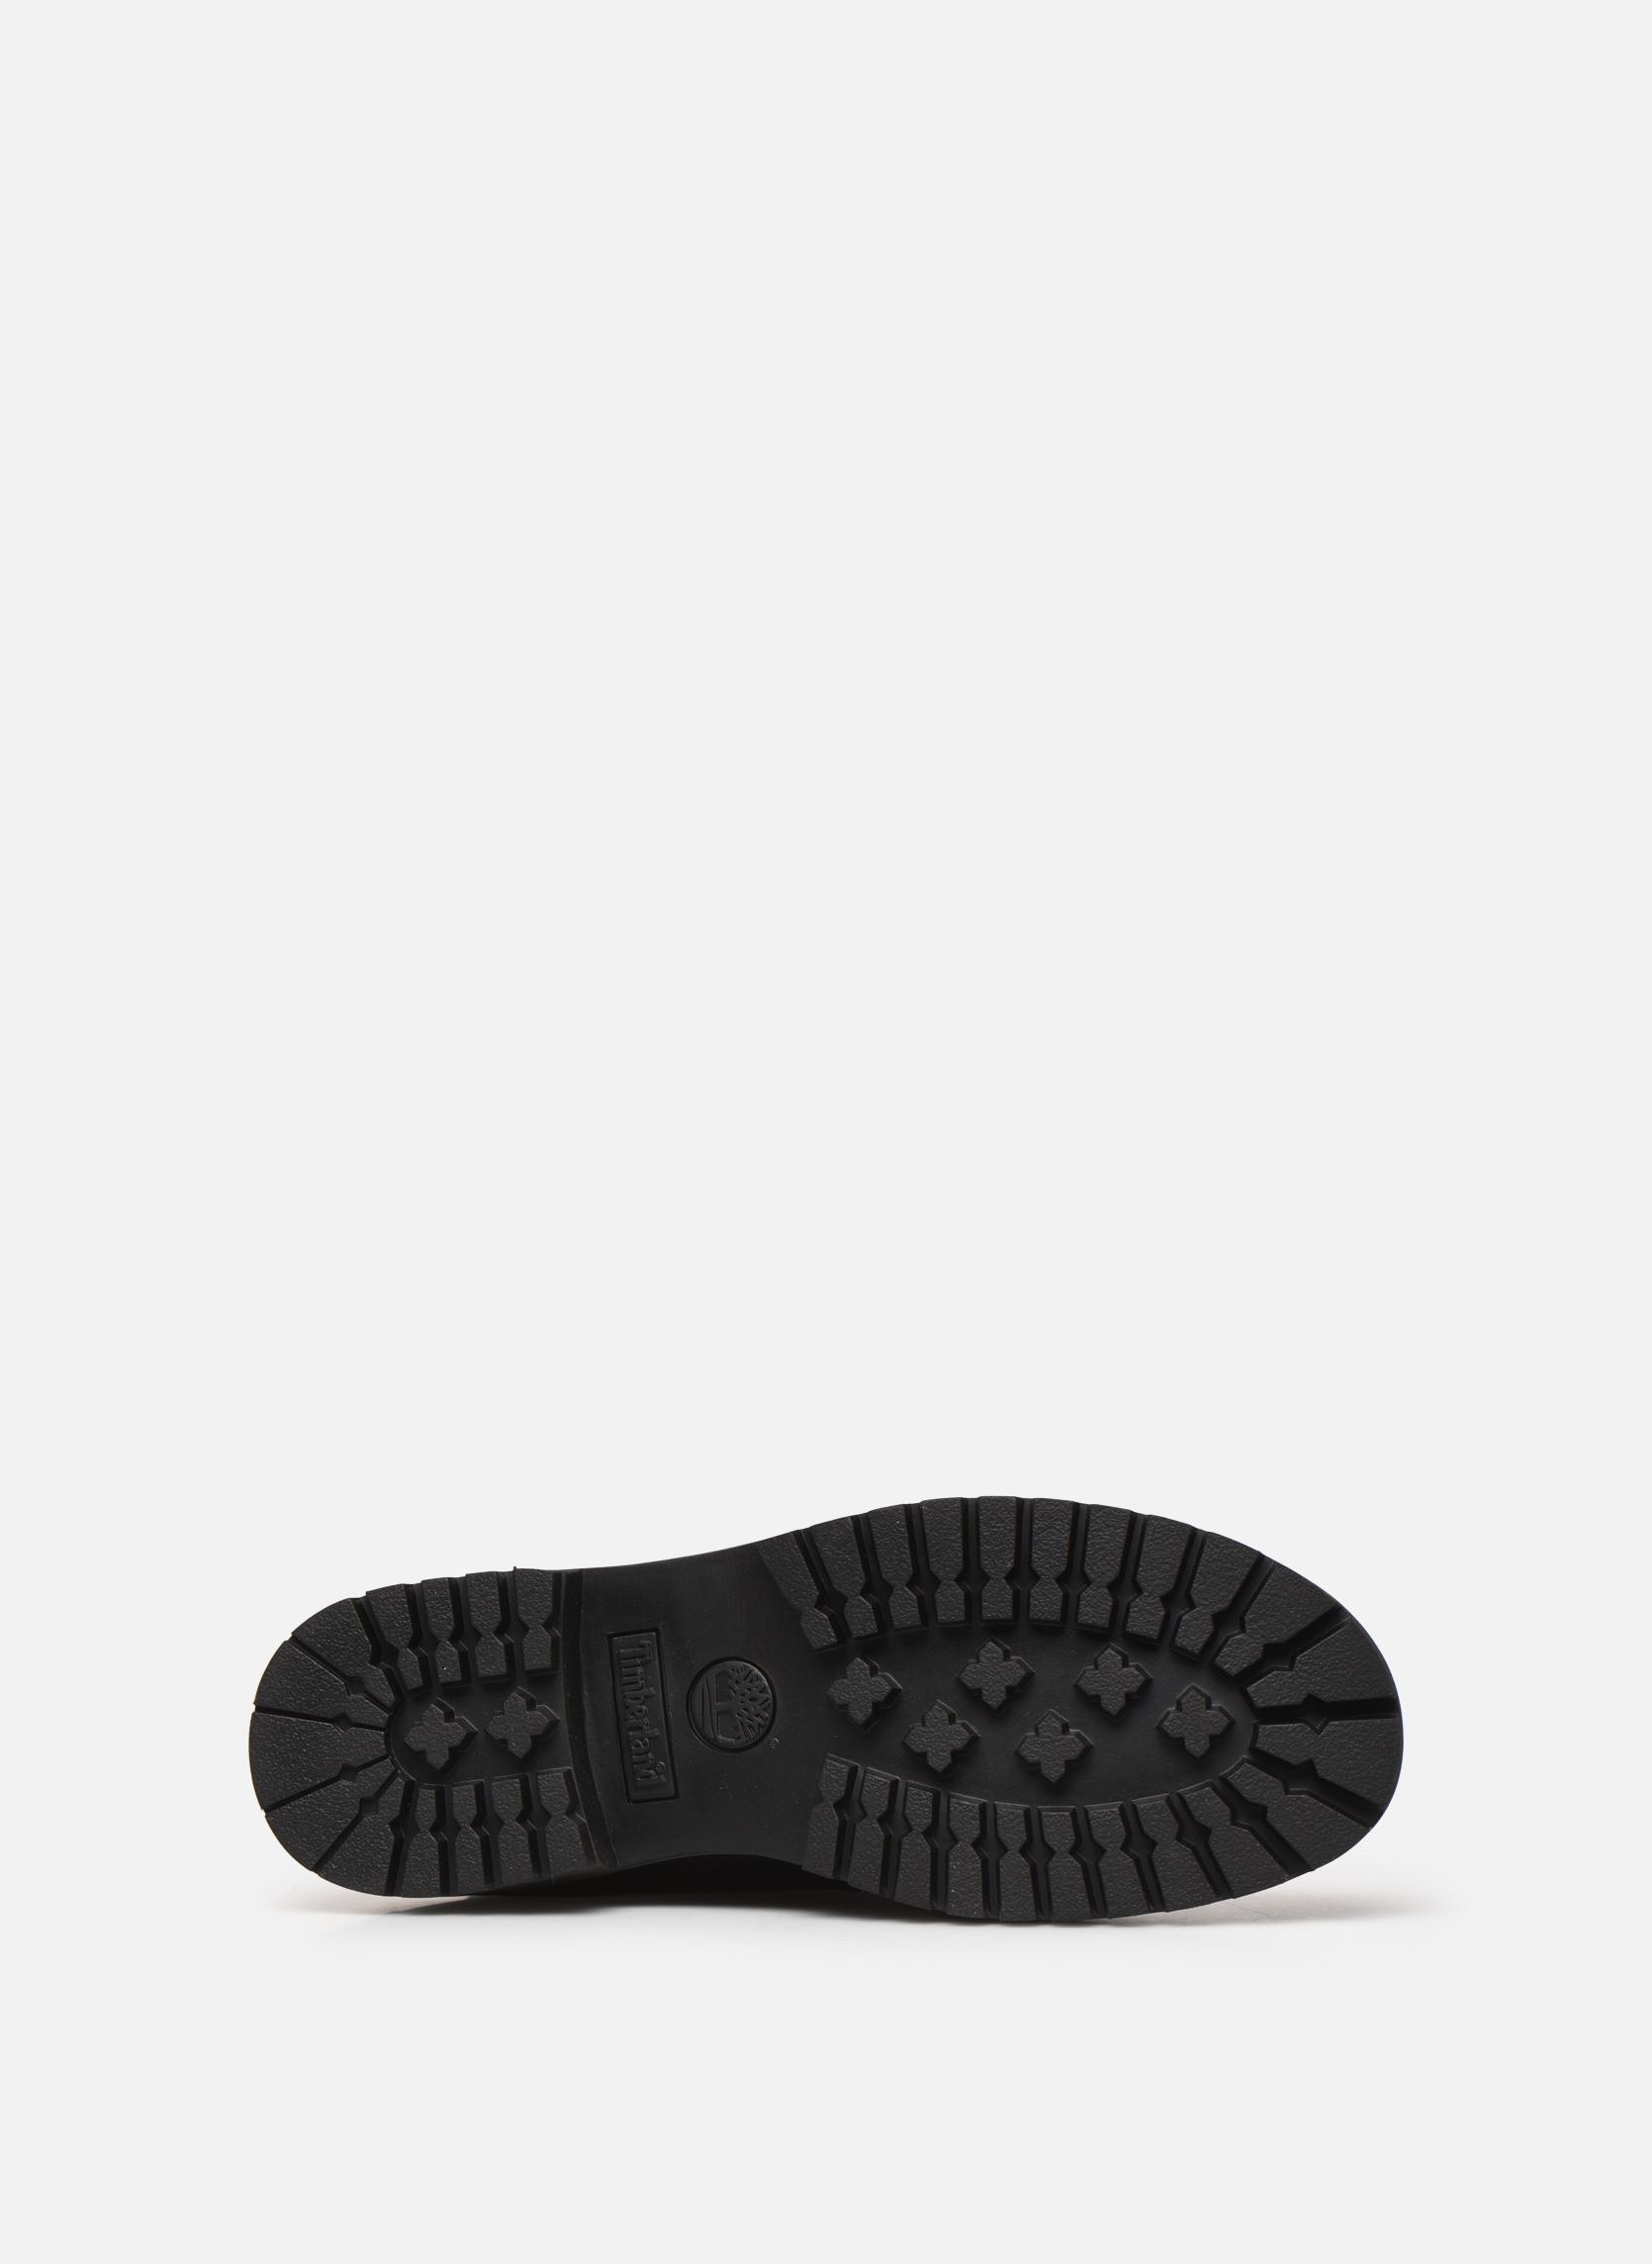 Stiefel Timberland Women's Premium 14 inch schwarz ansicht von oben